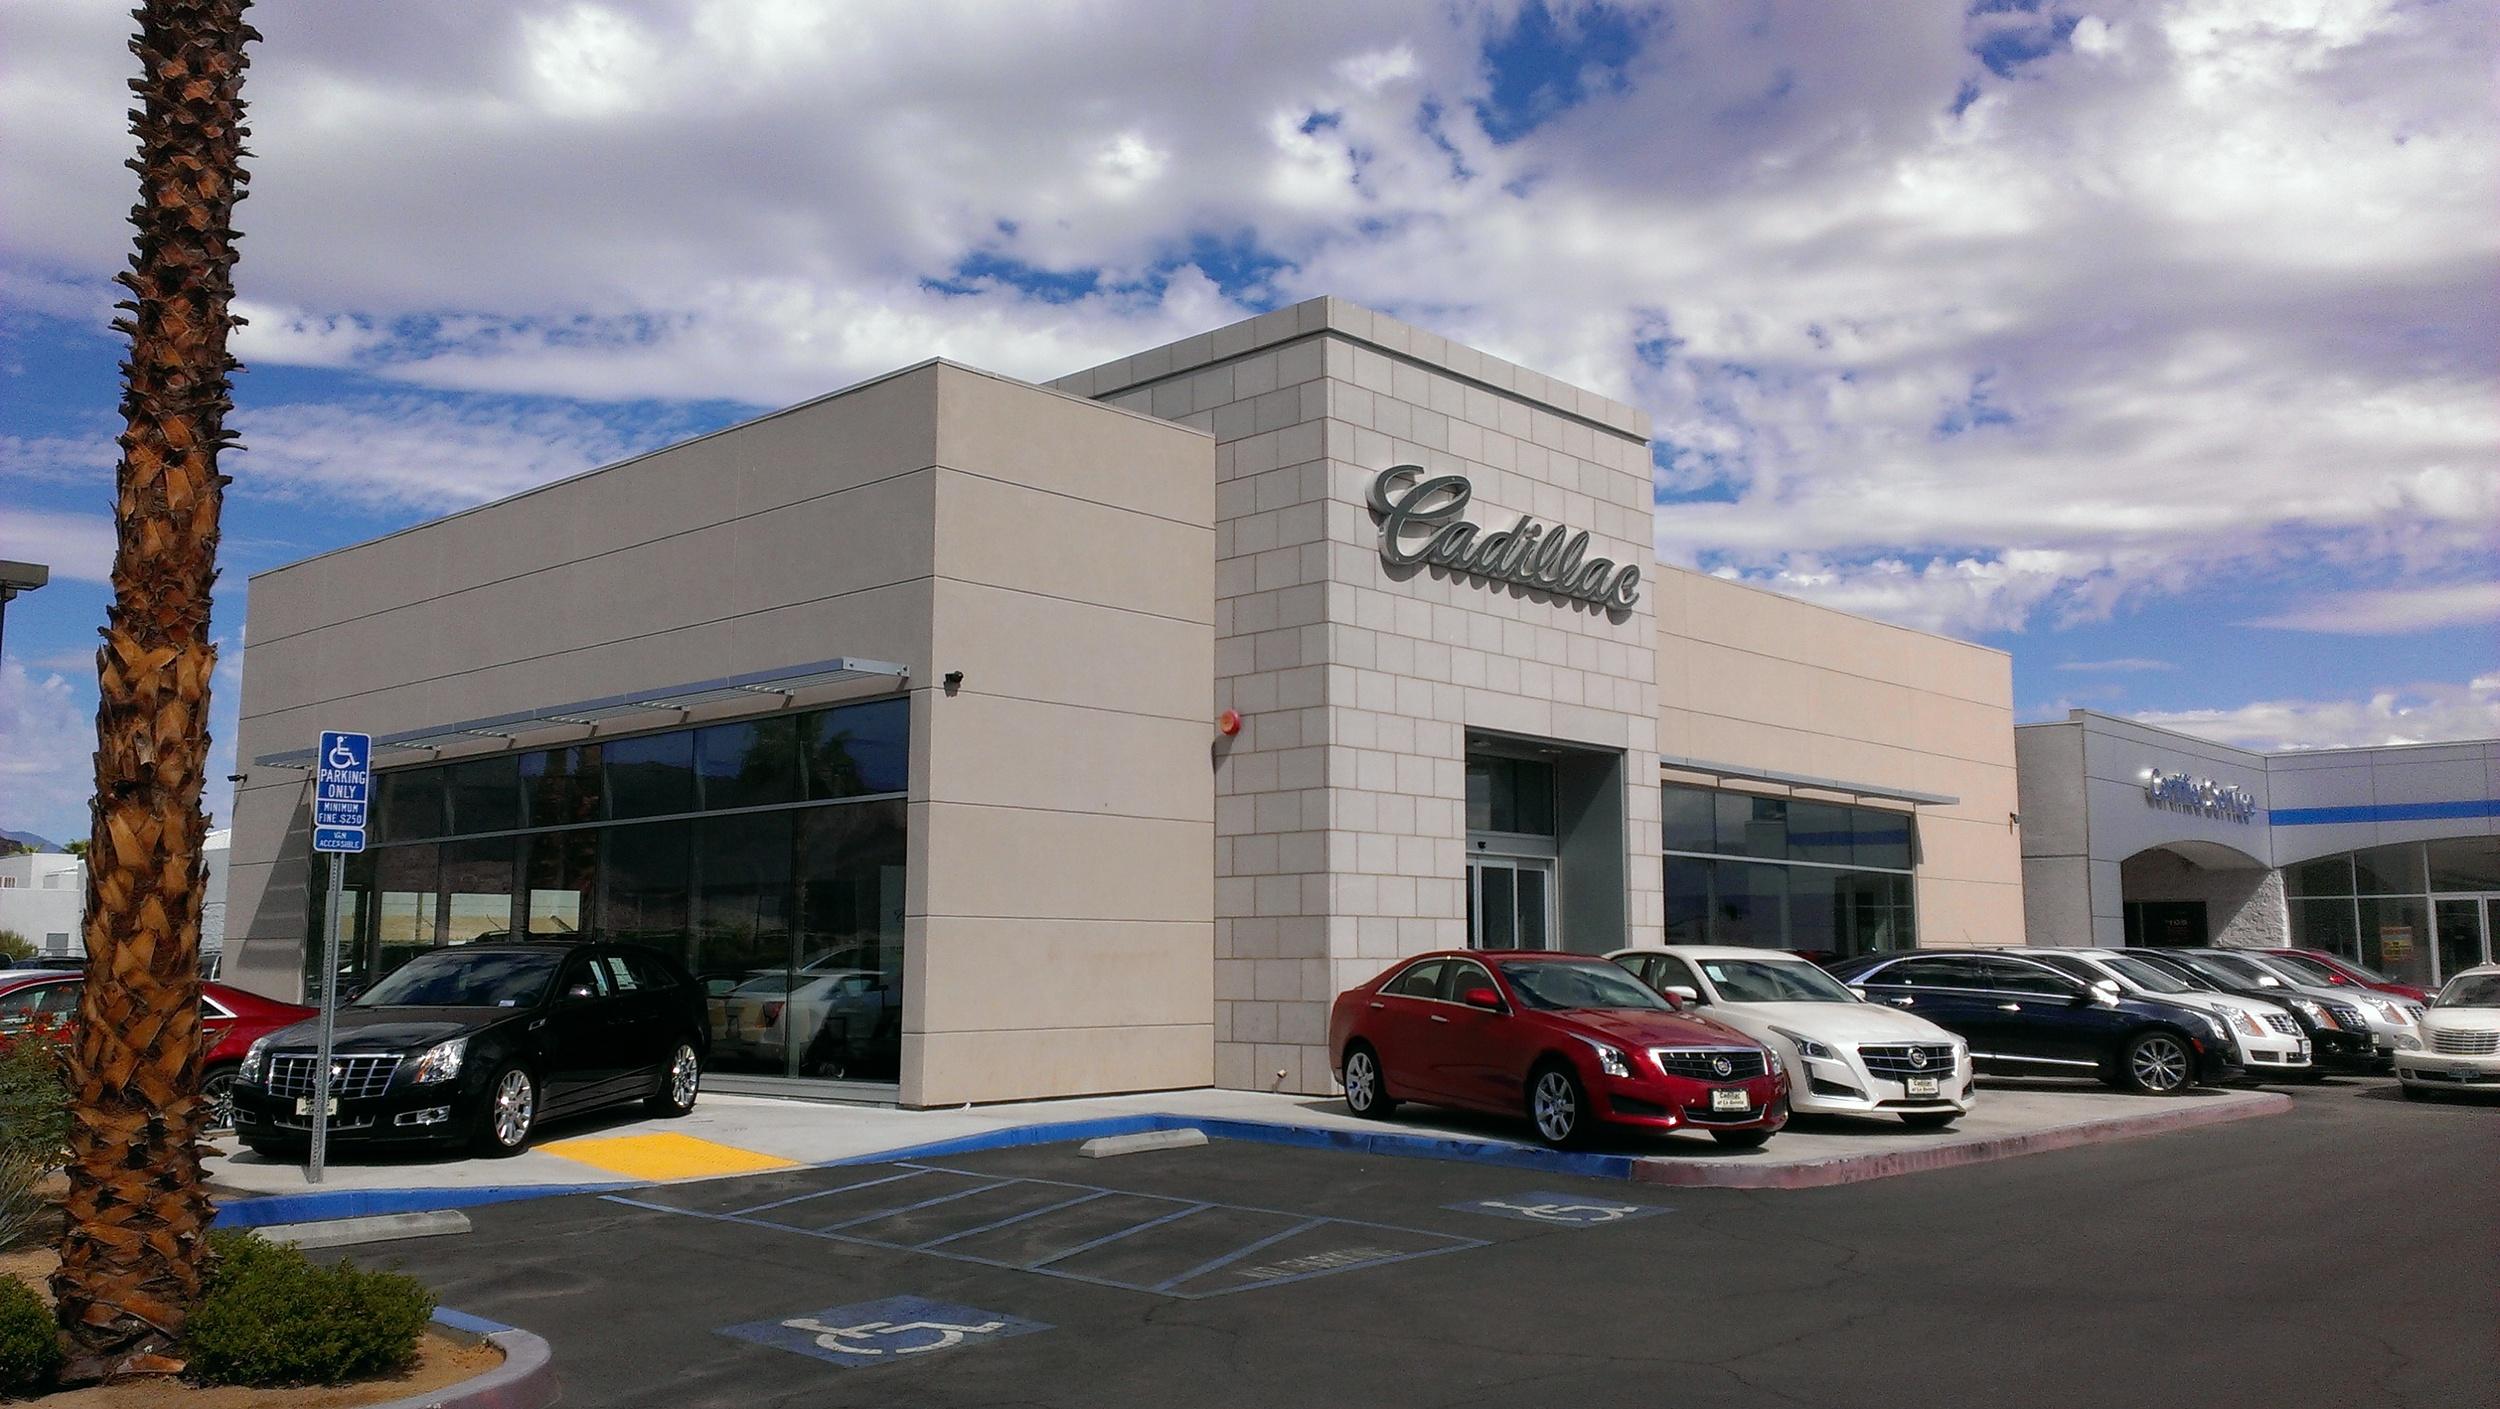 La Quinta Cadillac